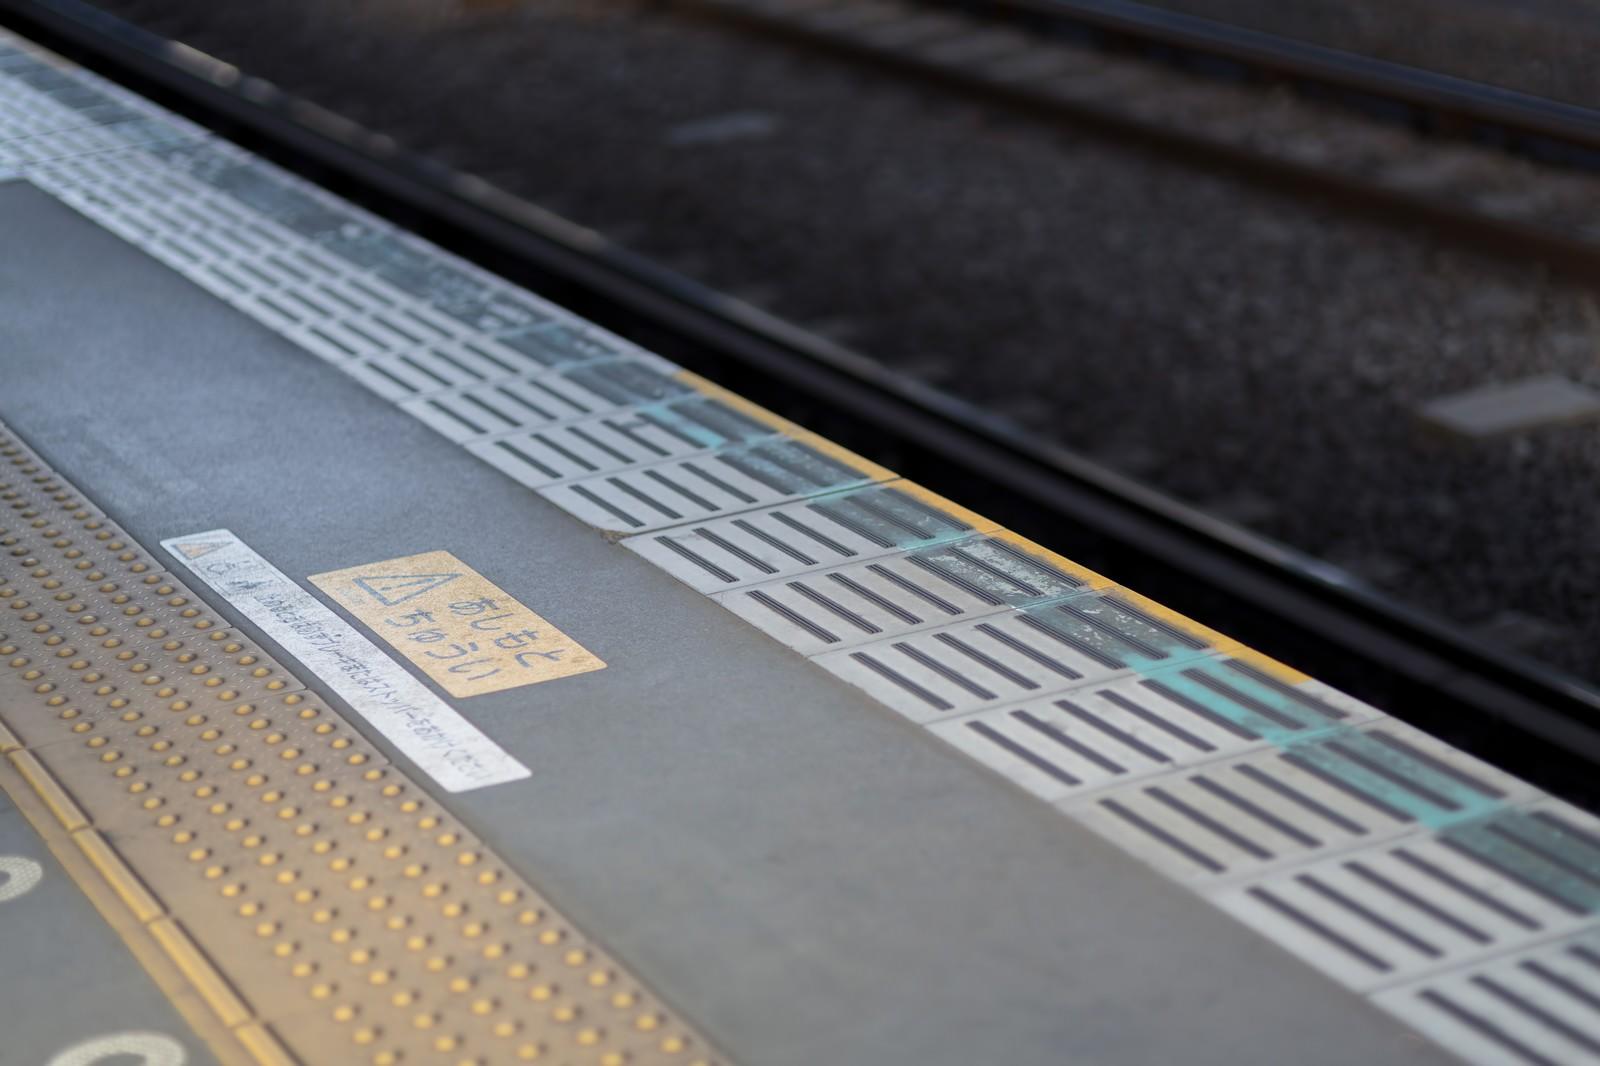 「駅のあしもとちゅうい(黄色い線)駅のあしもとちゅうい(黄色い線)」のフリー写真素材を拡大